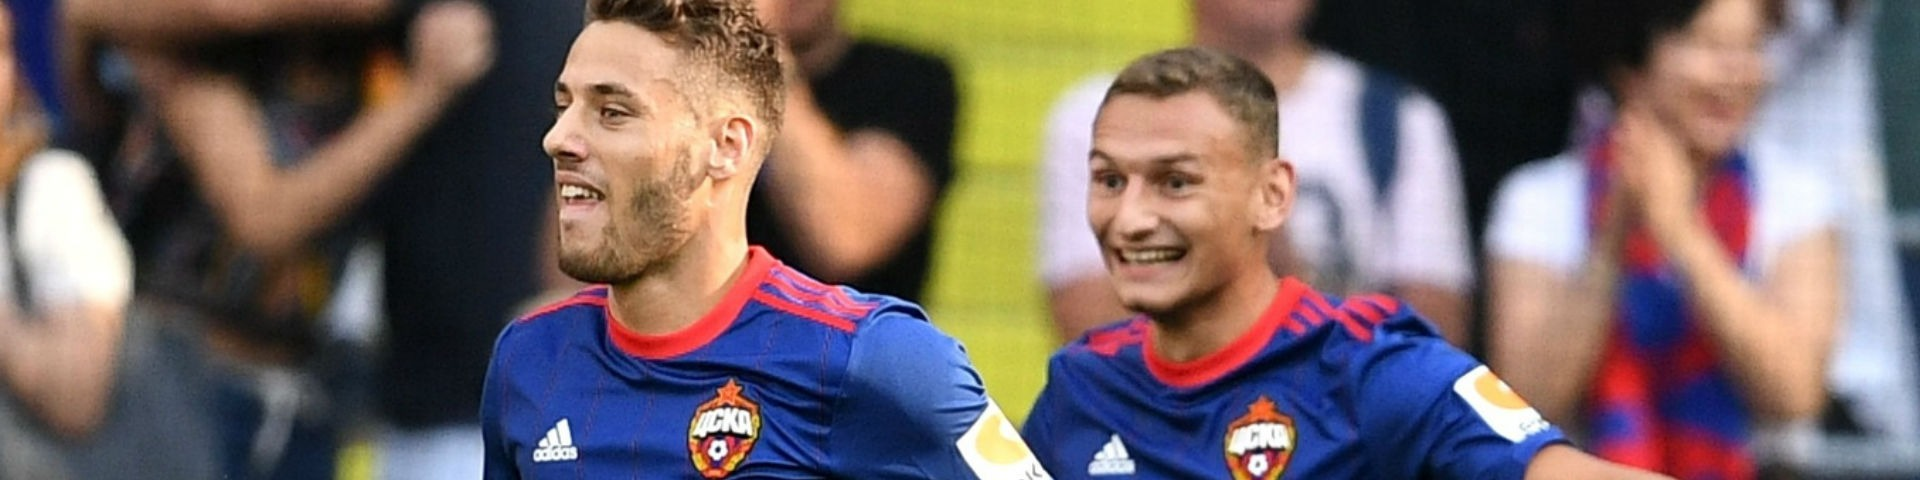 «Ференцварош» – ЦСКА – прогноз на игру 7 ноября